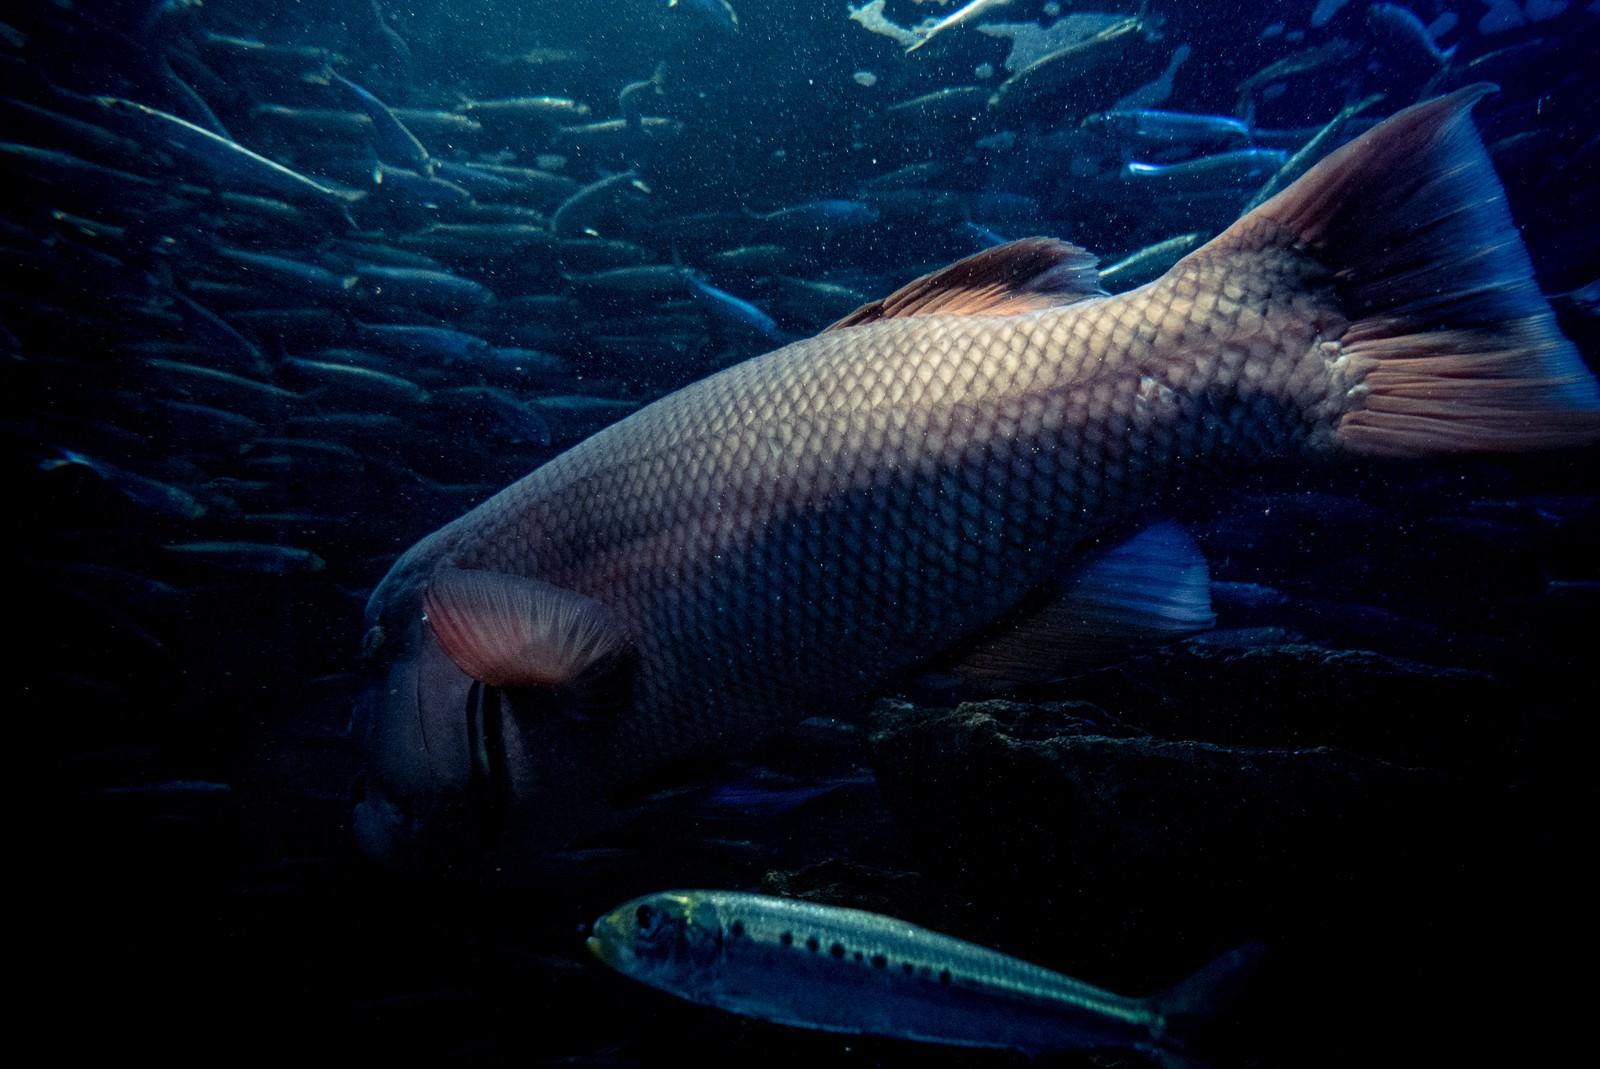 「水槽の魚達水槽の魚達」のフリー写真素材を拡大 水槽の魚達|ぱくたそフリー素材 カテゴリ一覧 ぱ